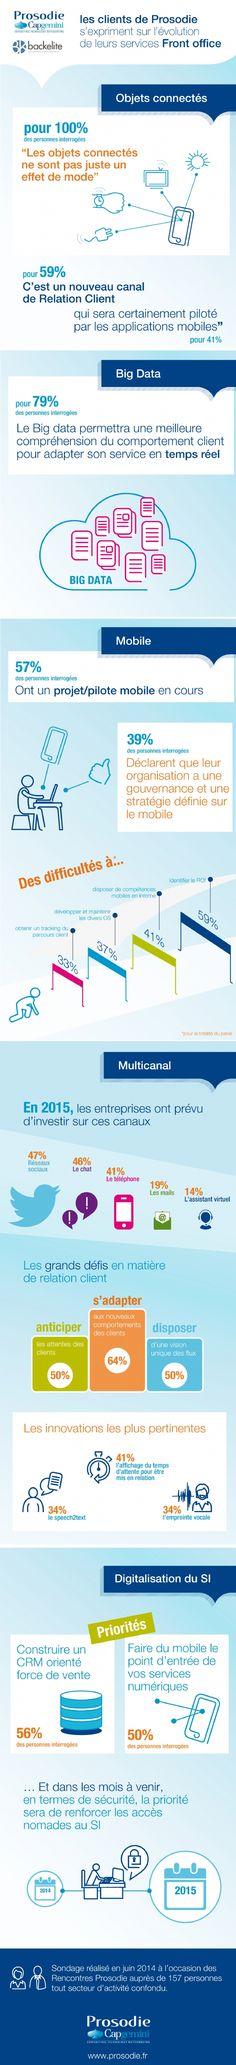 En 2015, la moitié des entreprises vont investir dans les réseaux sociaux ! #reseauxsociaux #communitymanagement #cm